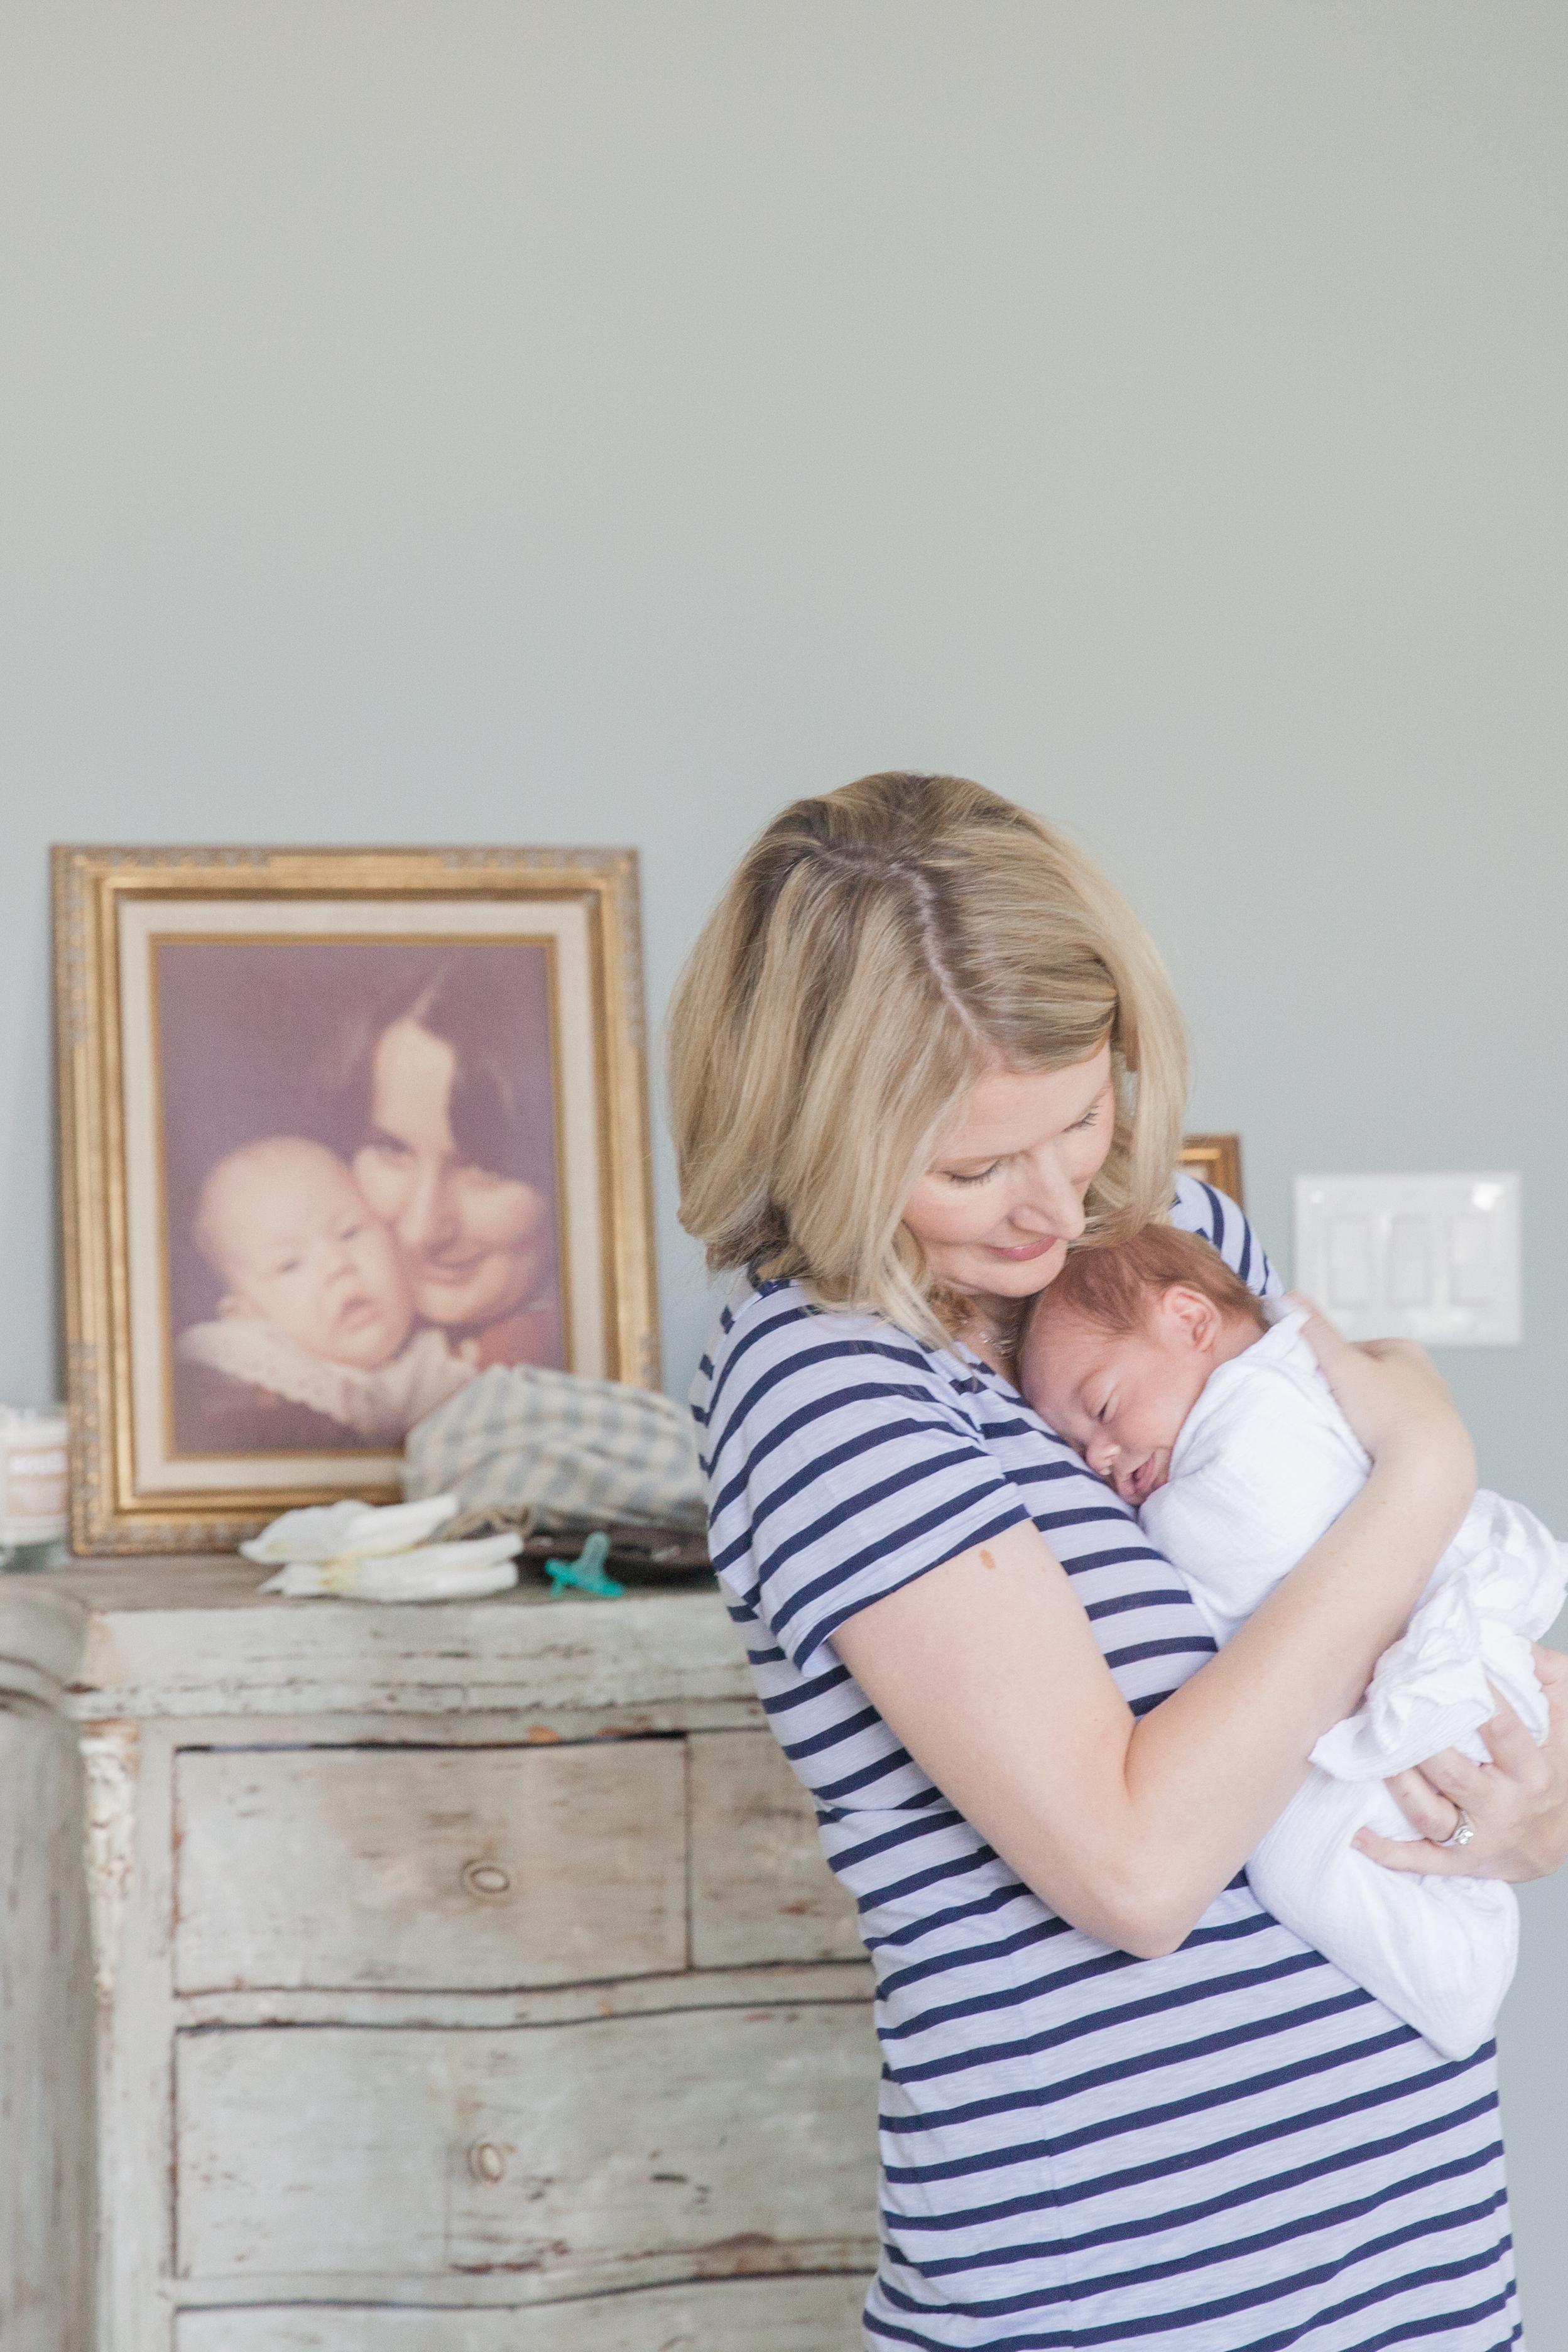 LisaDiederichPhotography_britton&casey_newbornphotography-6.jpg